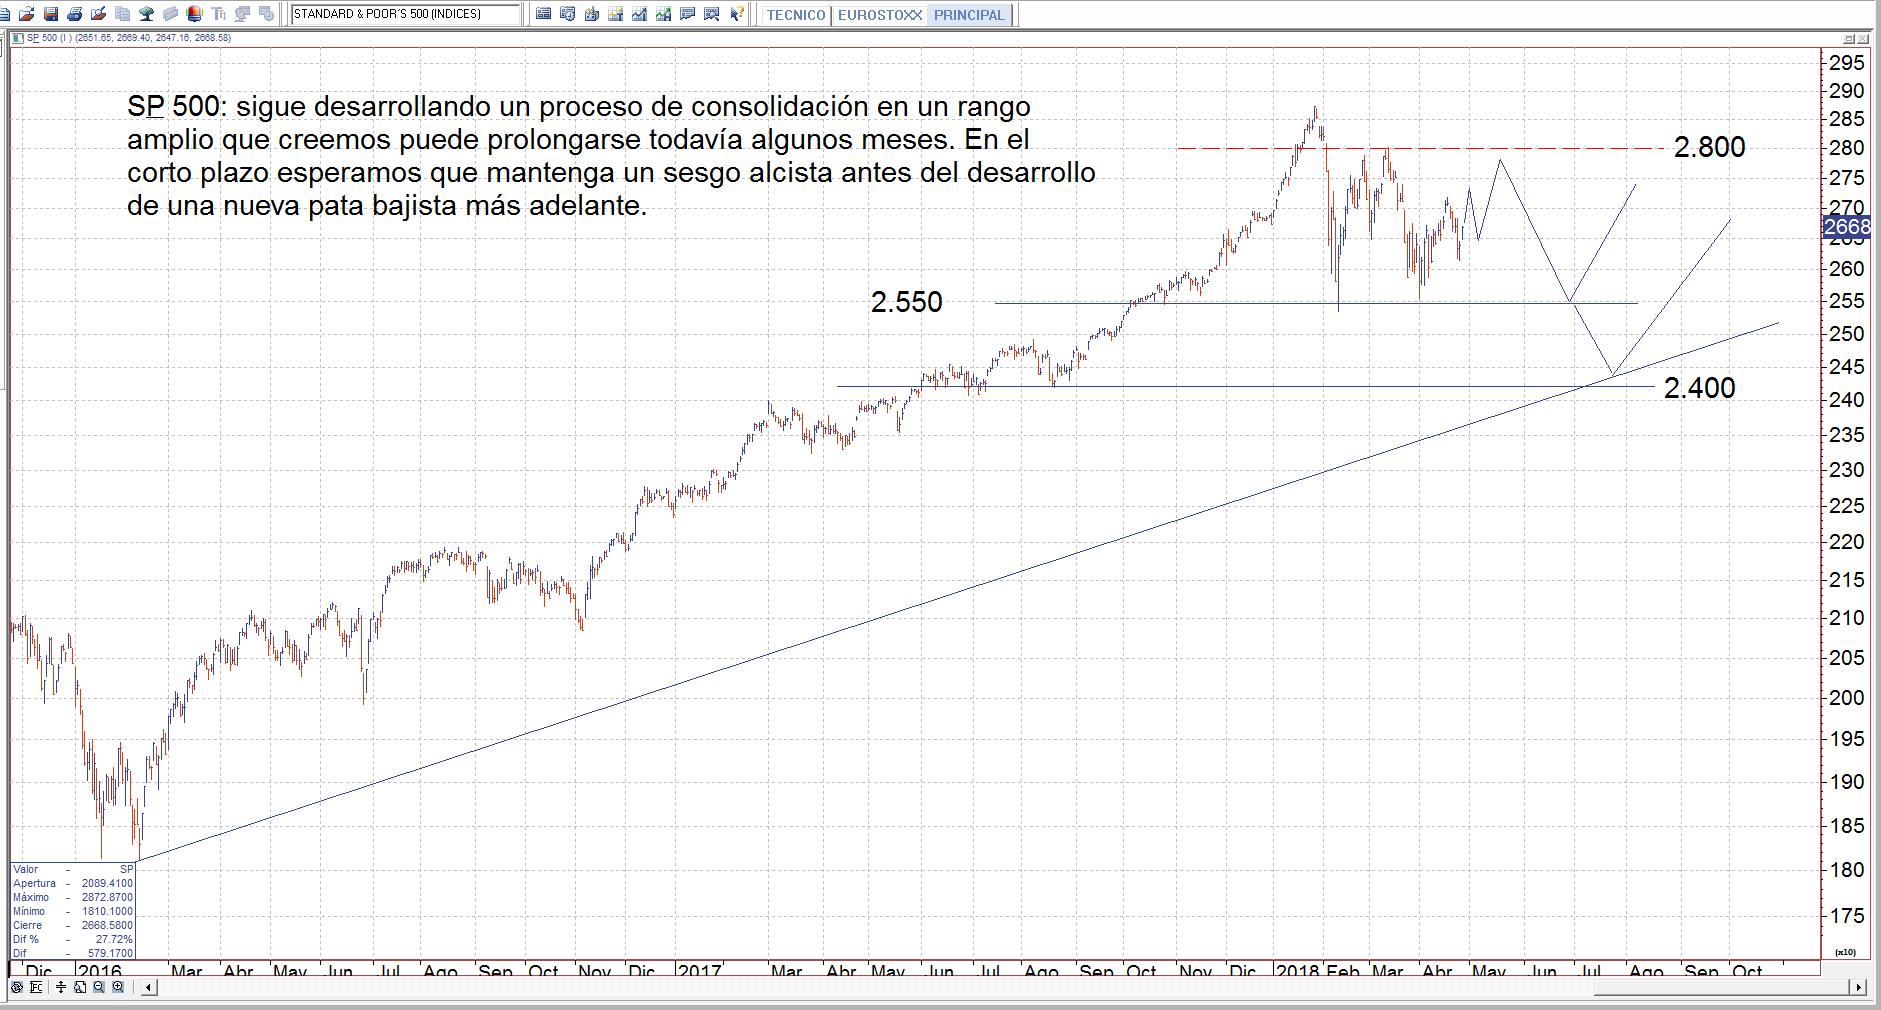 Análisis Técnico | Mercados y Gestión de Valores A.V.